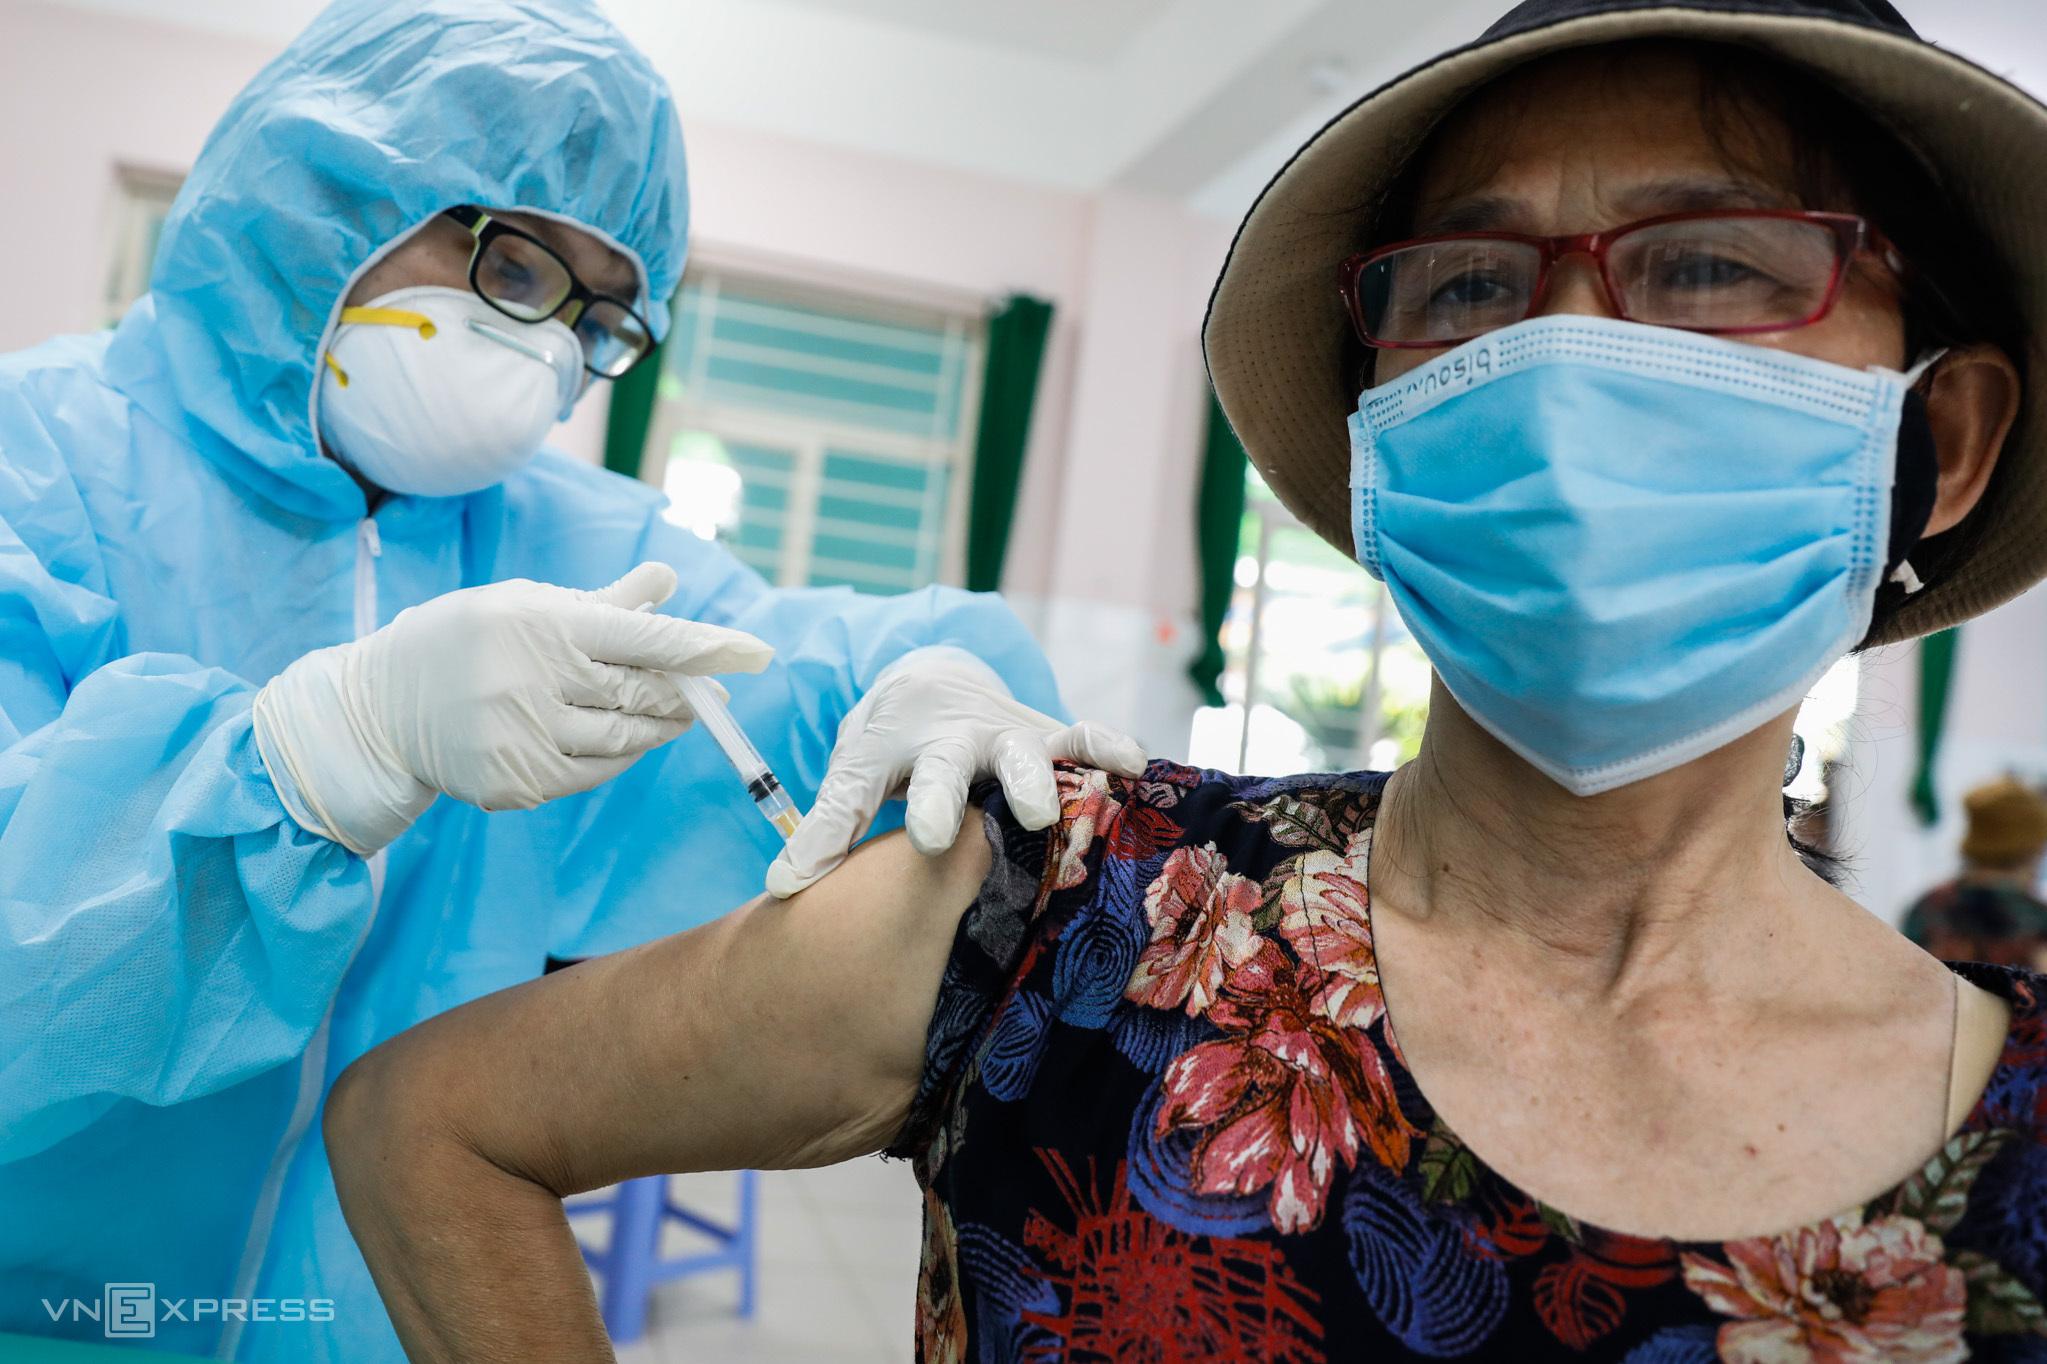 Một người phụ nữ ngoài 60 tuổi tiêm vaccine Covid-19 ở TP HCM hồi tháng 6. Ảnh: Hữu Khoa.